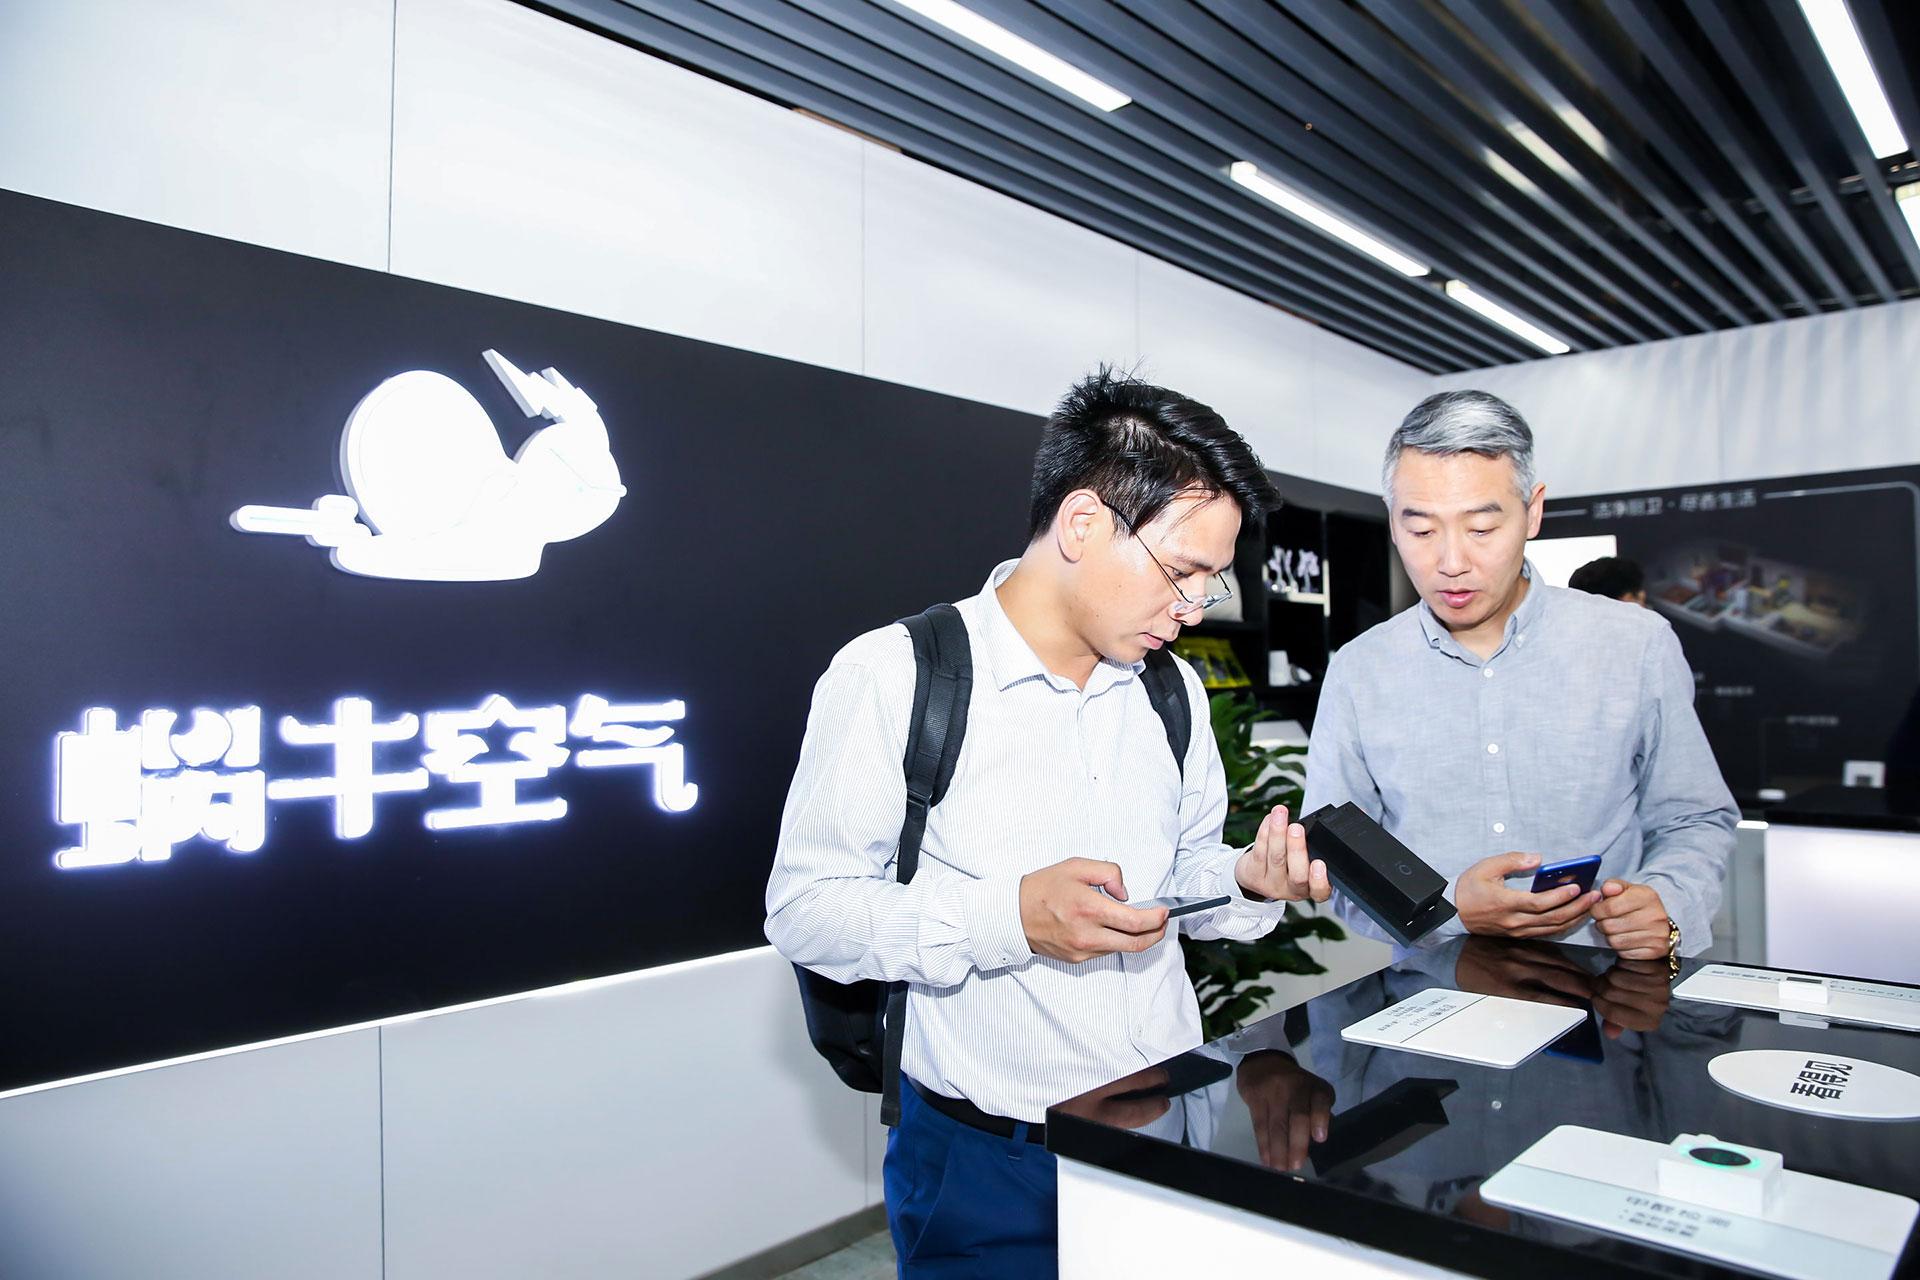 海尔推出生态产品品牌蜗牛空气,为年轻人打造生活方式